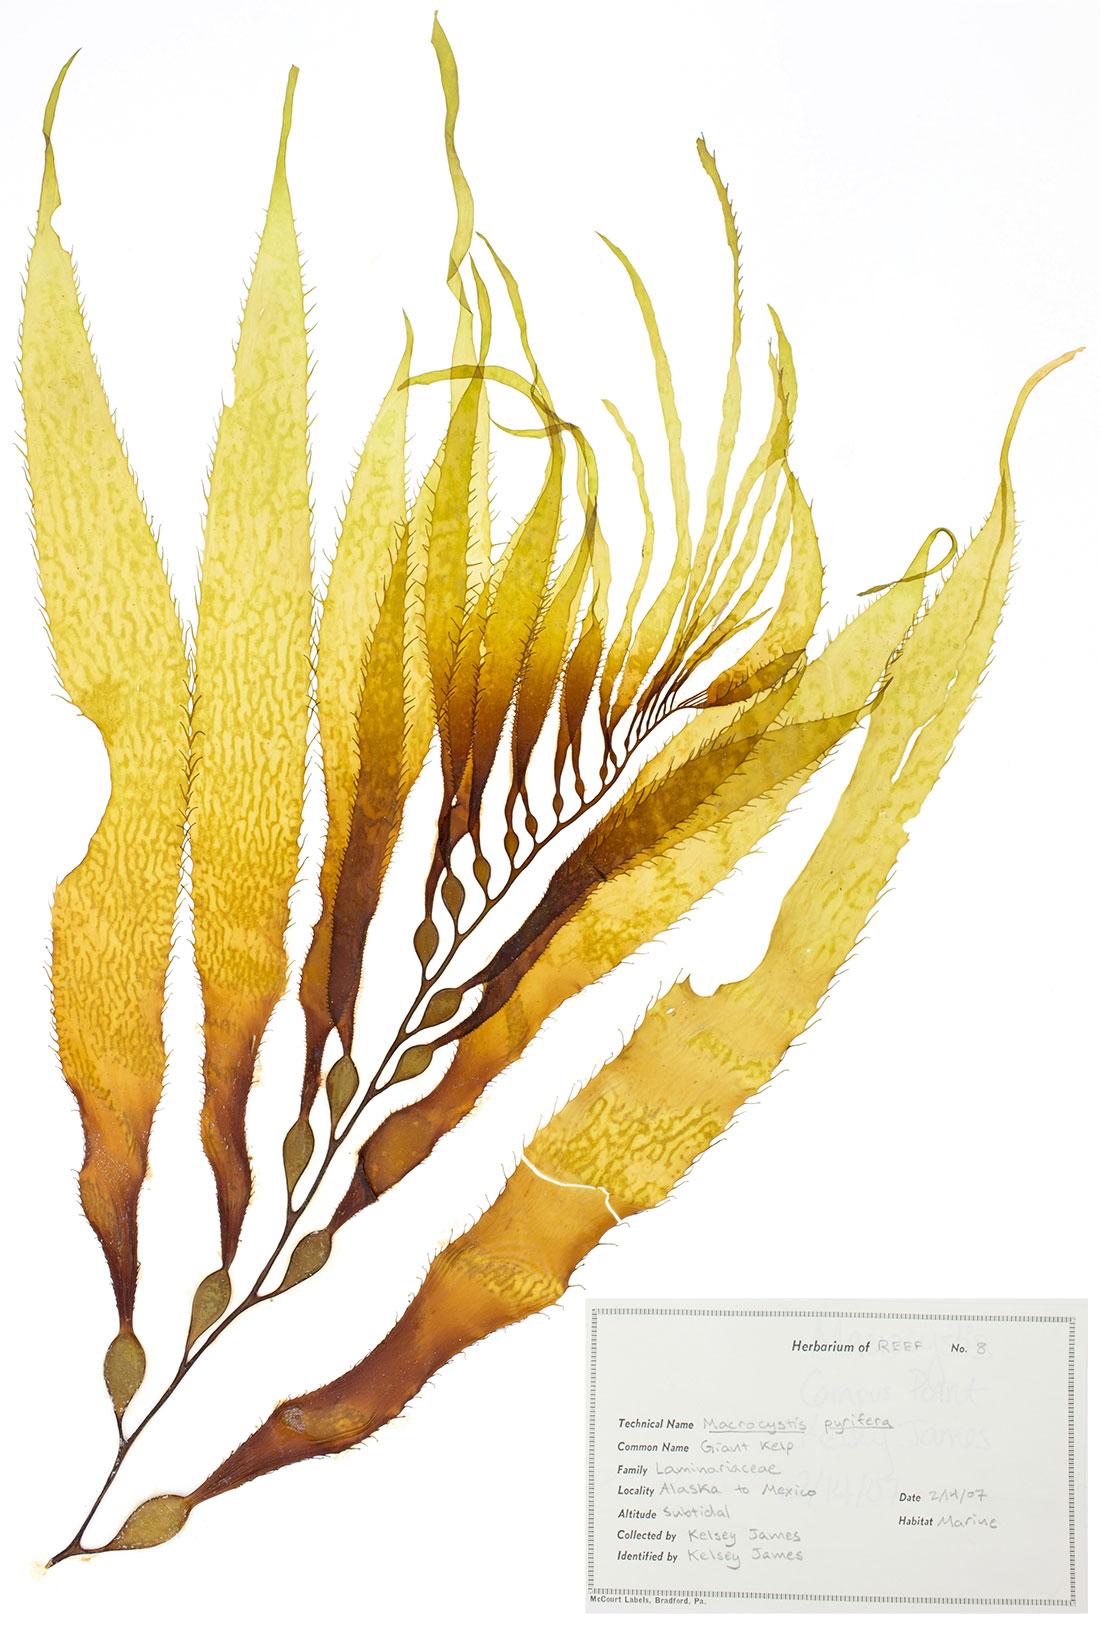 Laminariacea